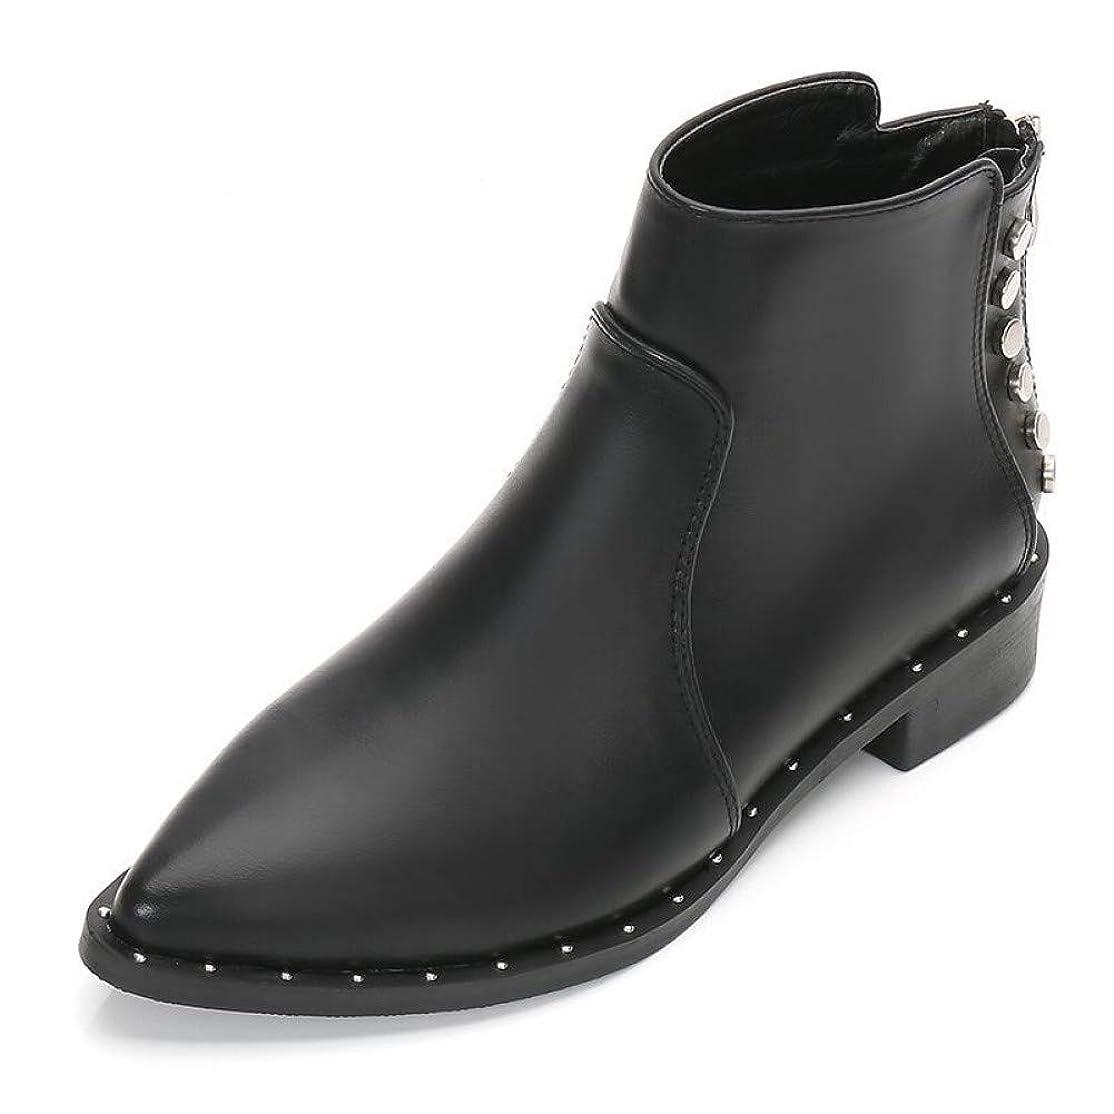 実装する公喉頭WZMNSGGX 冬の黒のアンクルブーツは、マーチンブーツリベットスリーブショートプラスベルベット暖かい大型ブーツを指摘しました